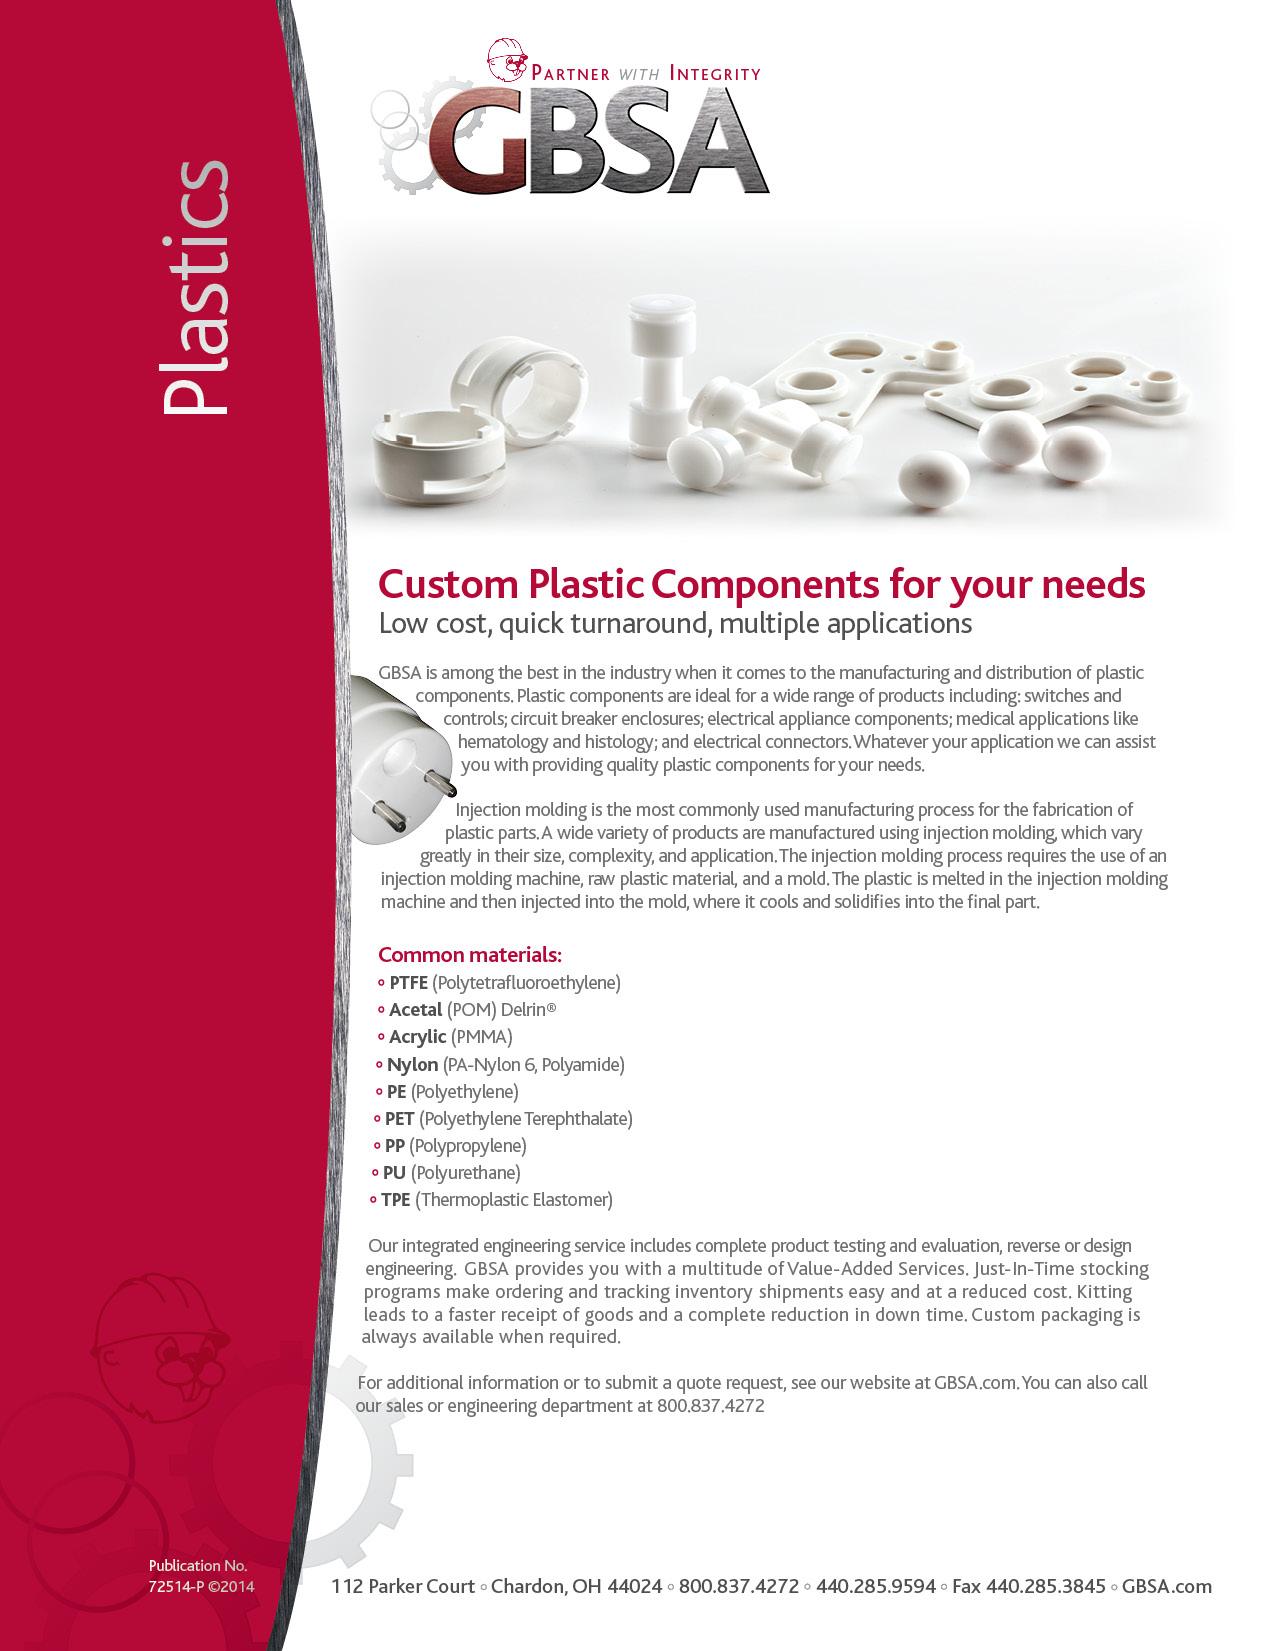 Plastics Brochure Cover - GBSA - Engineers, Manufacturers